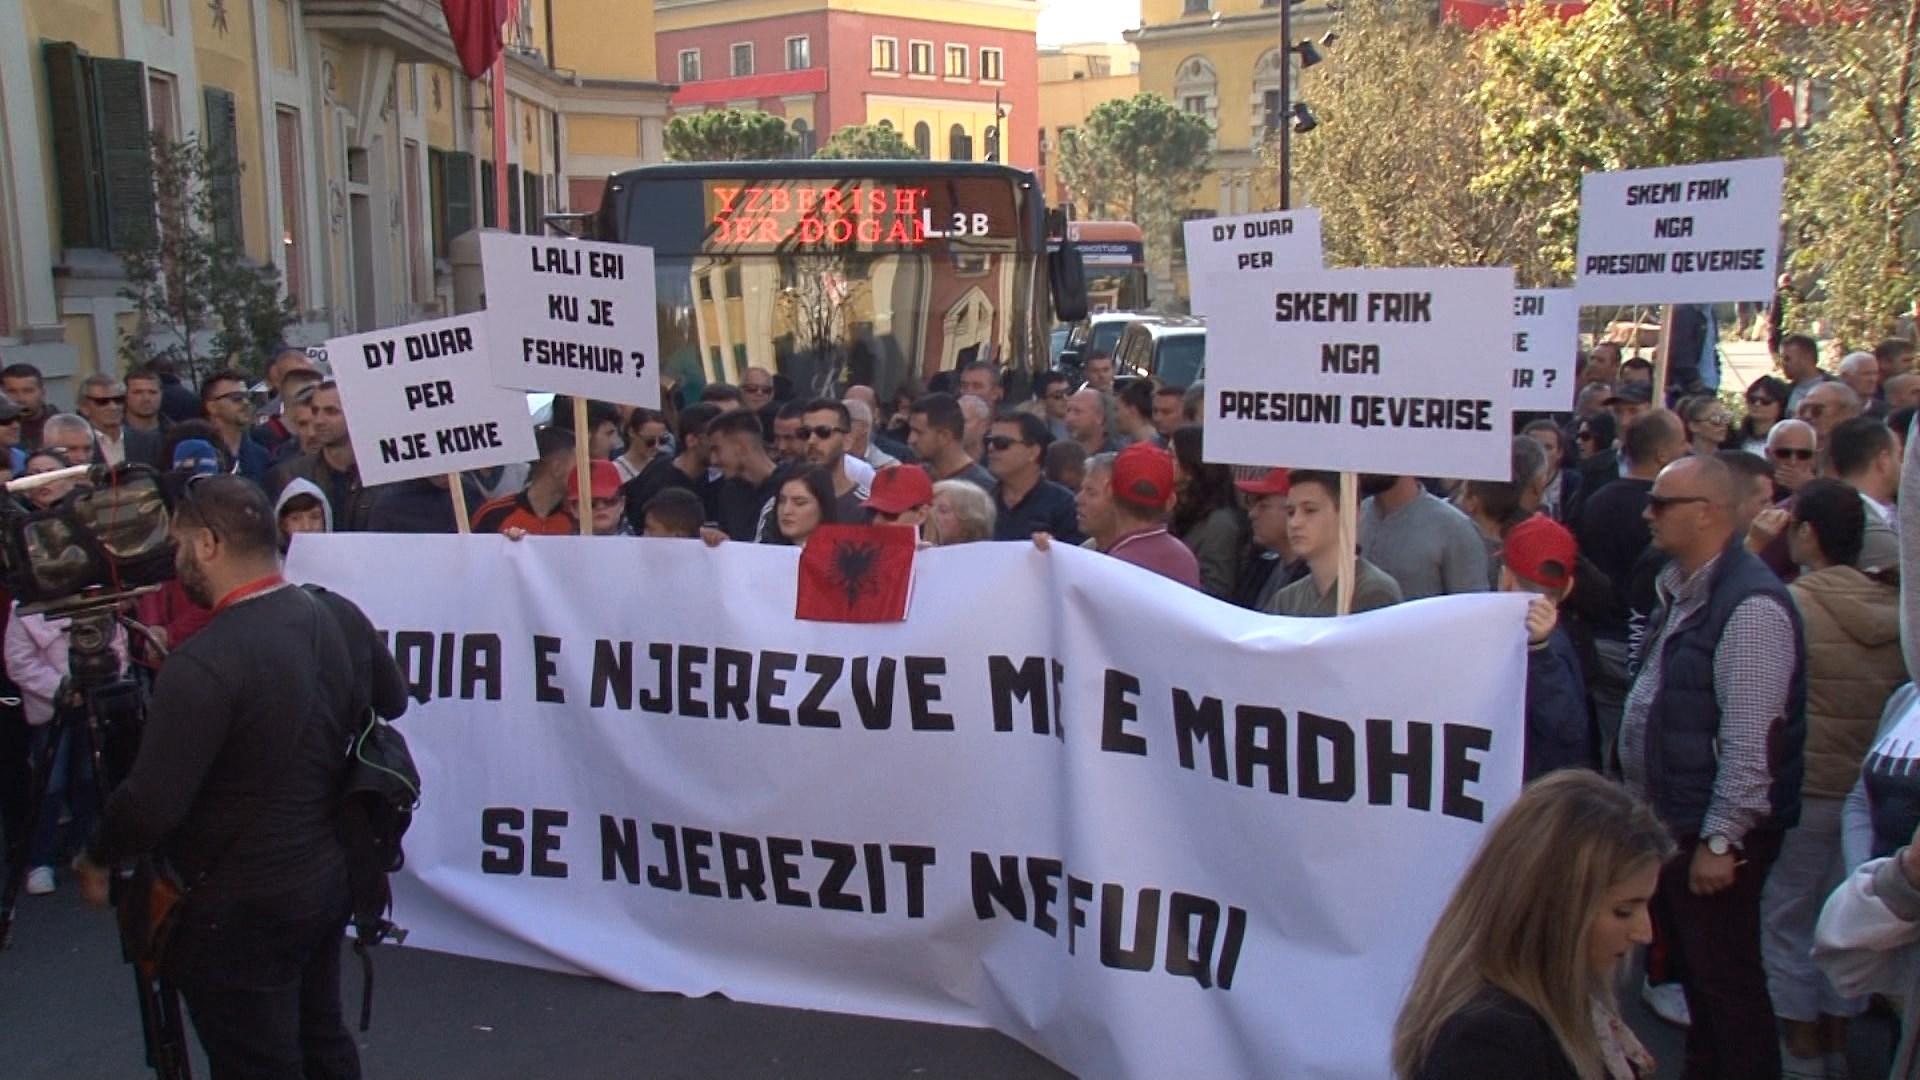 Projekti për unazën e madhe në Tiranë, banorët protestojnë para Bashkisë